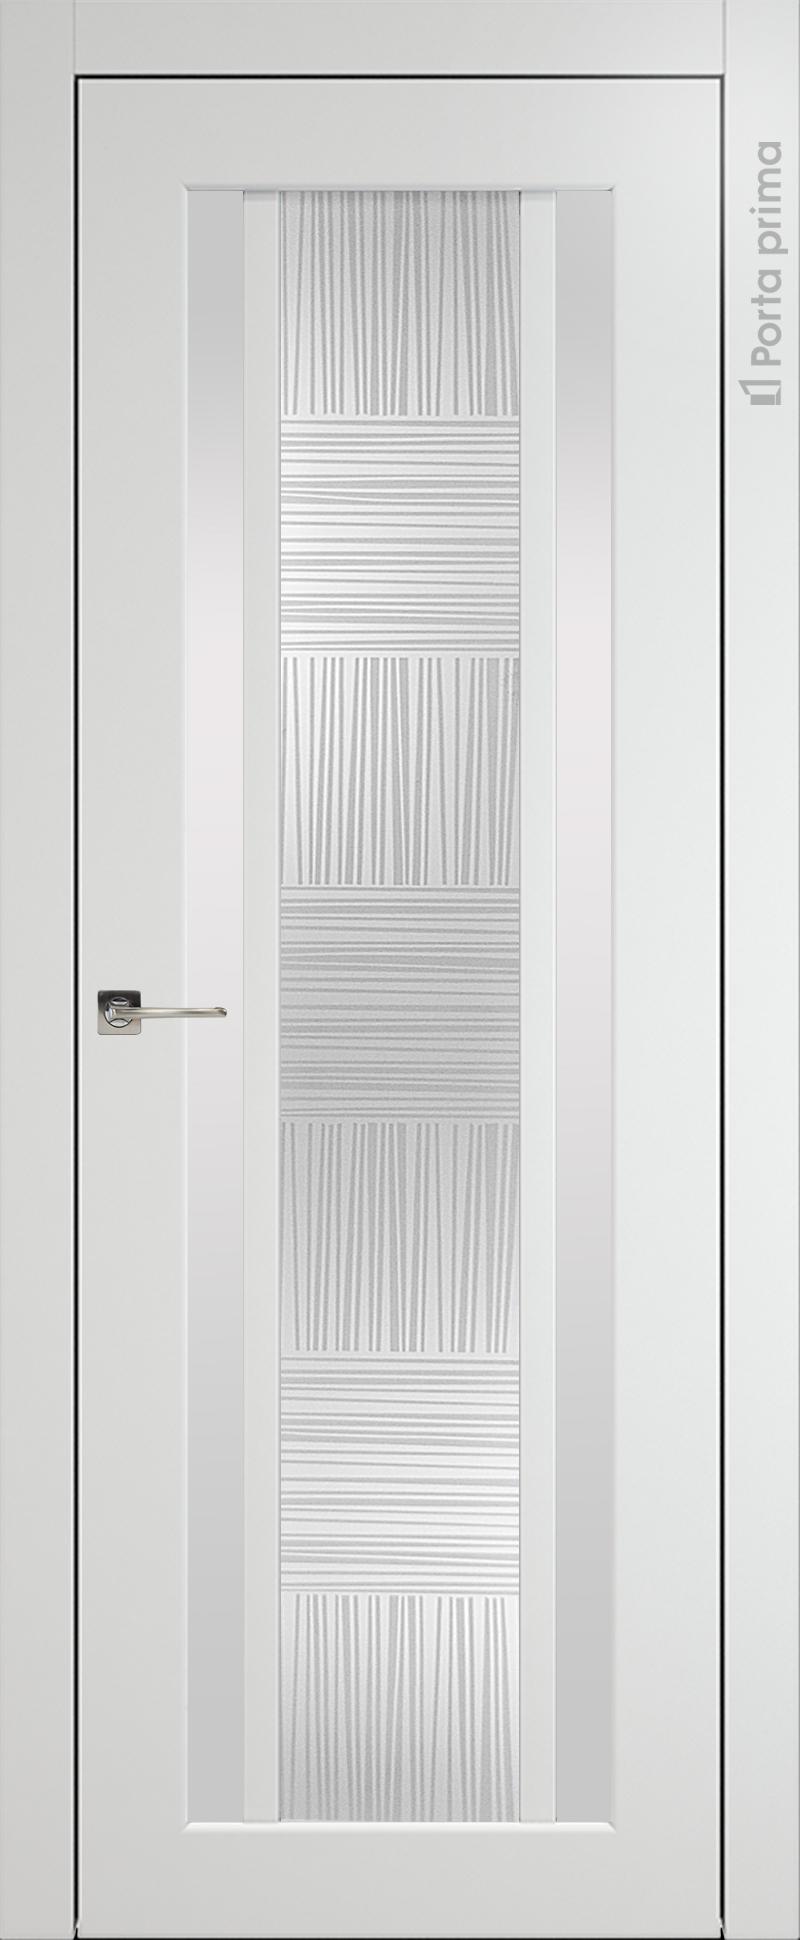 Palazzo цвет - Белая эмаль (RAL 9003) Со стеклом (ДО)